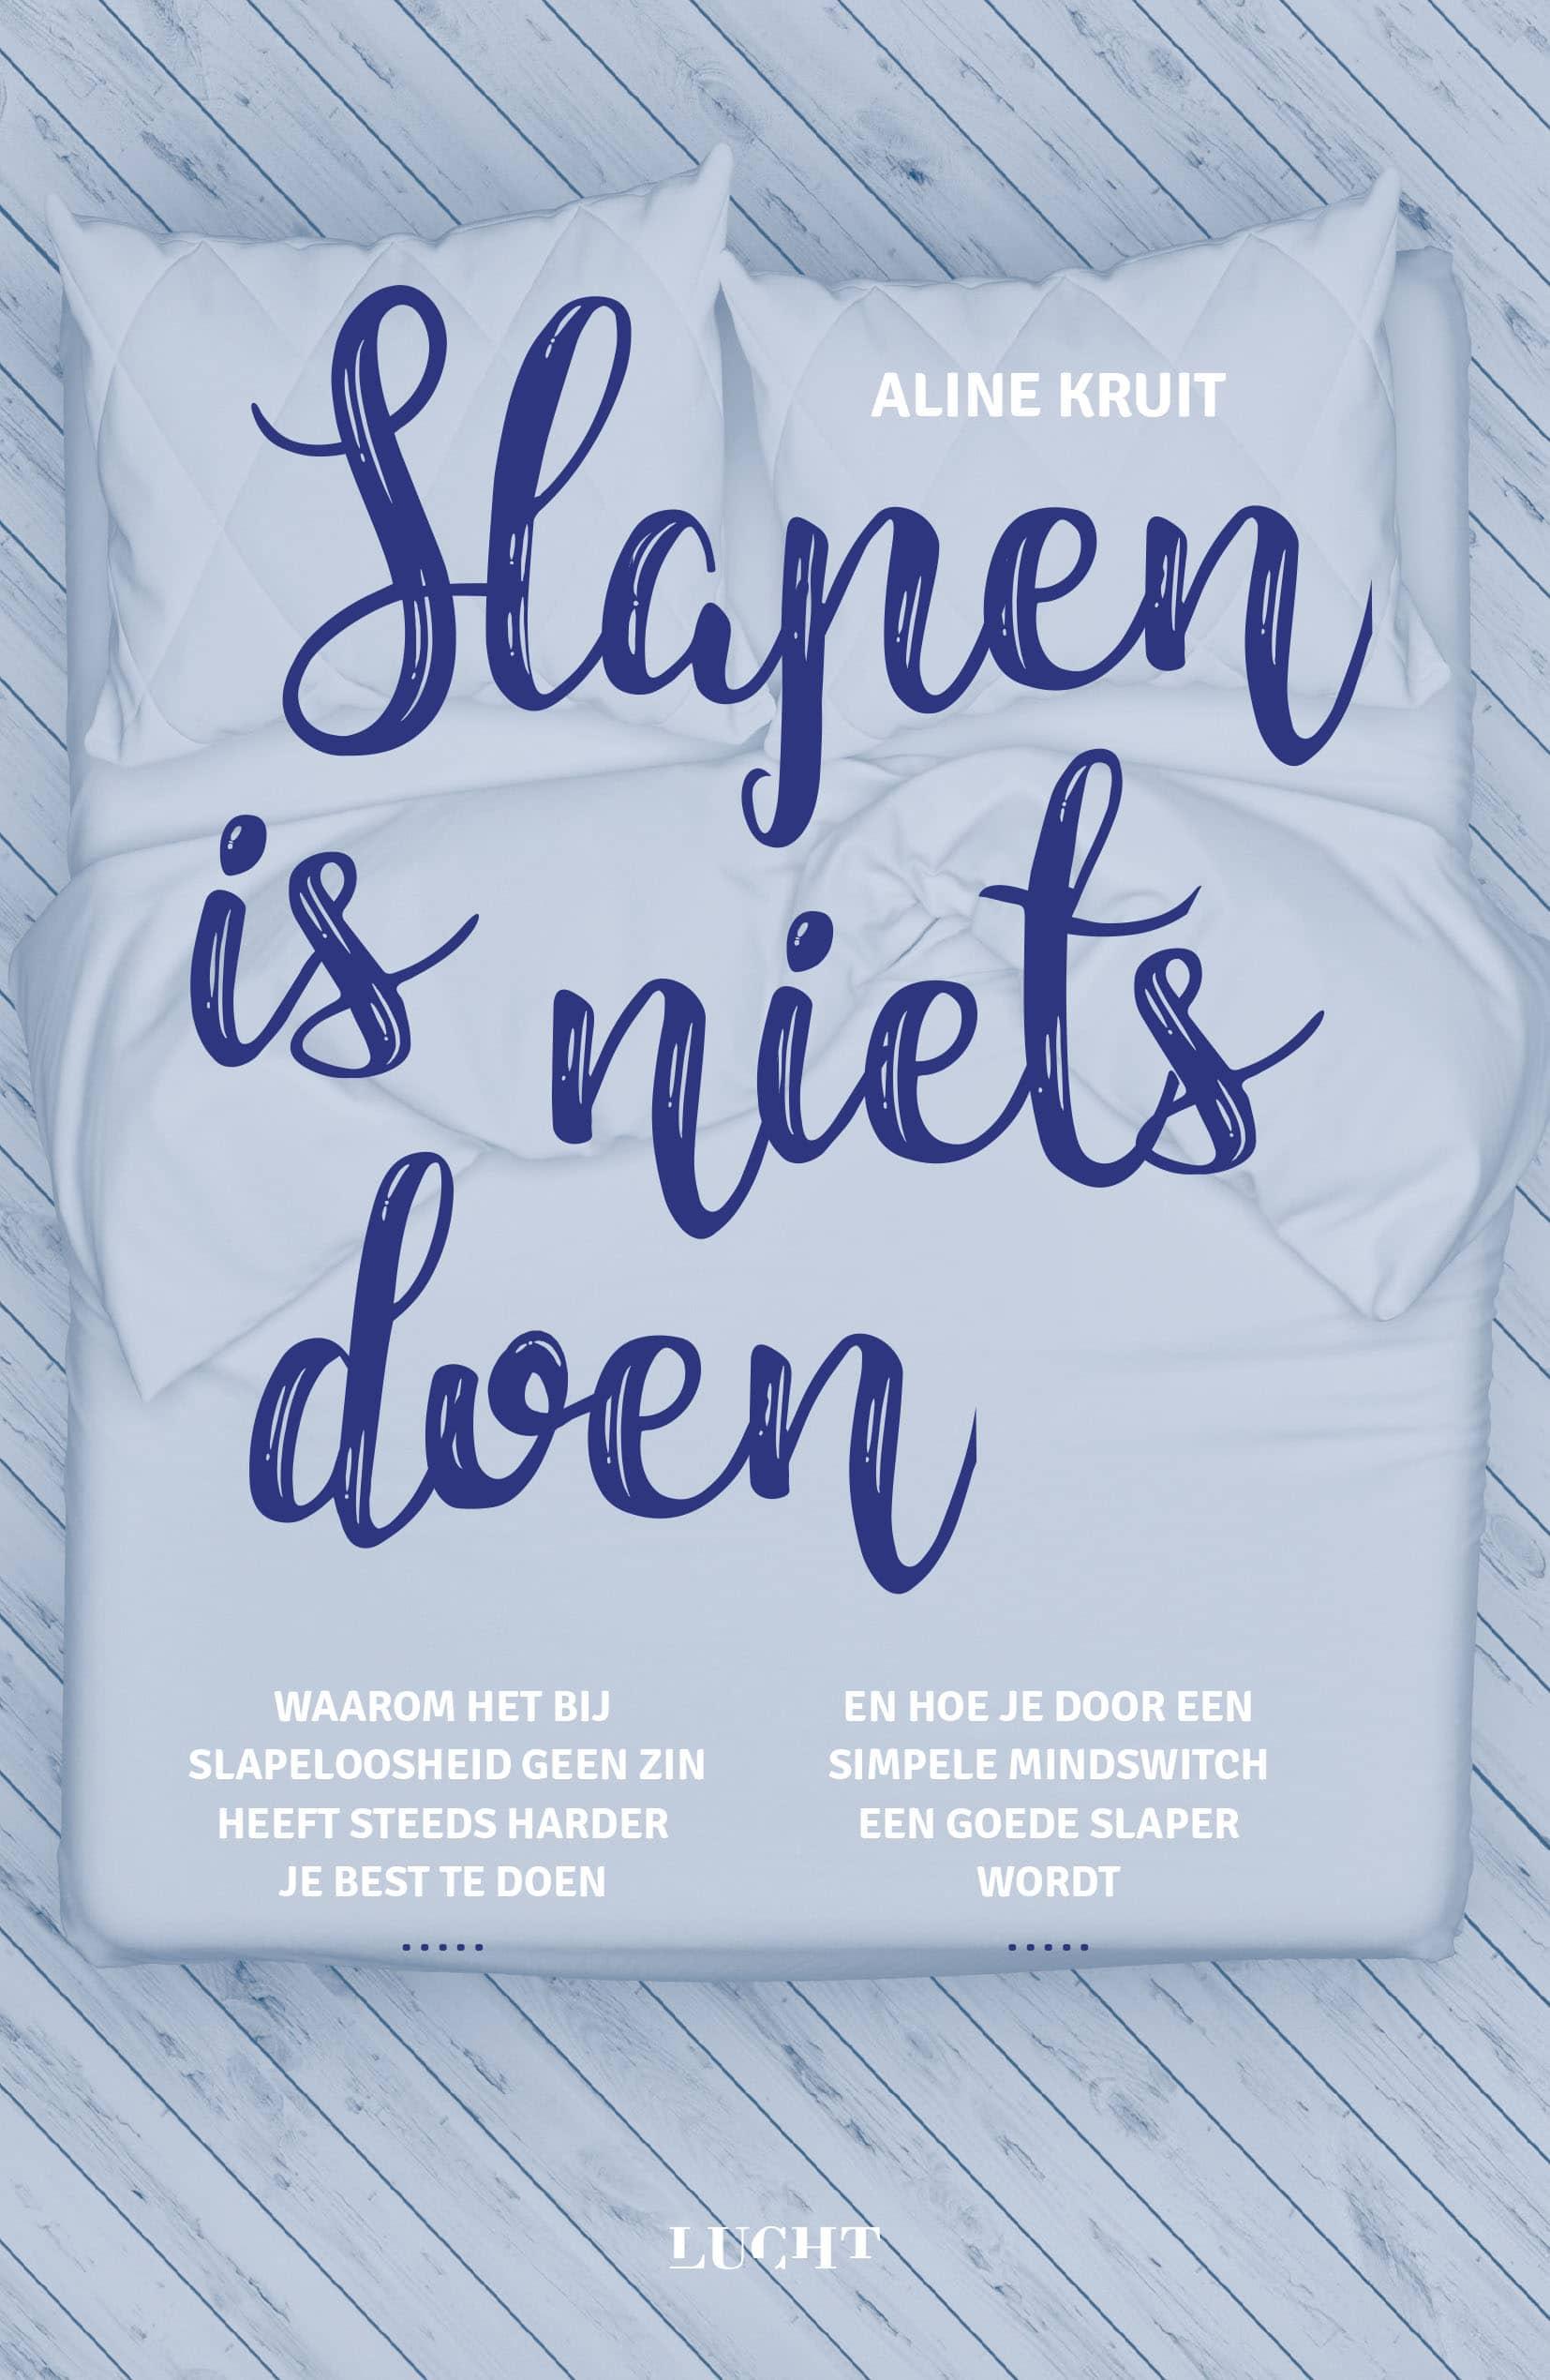 Slapen is niets doen - Aline Kruit - Uitgeverij Lucht